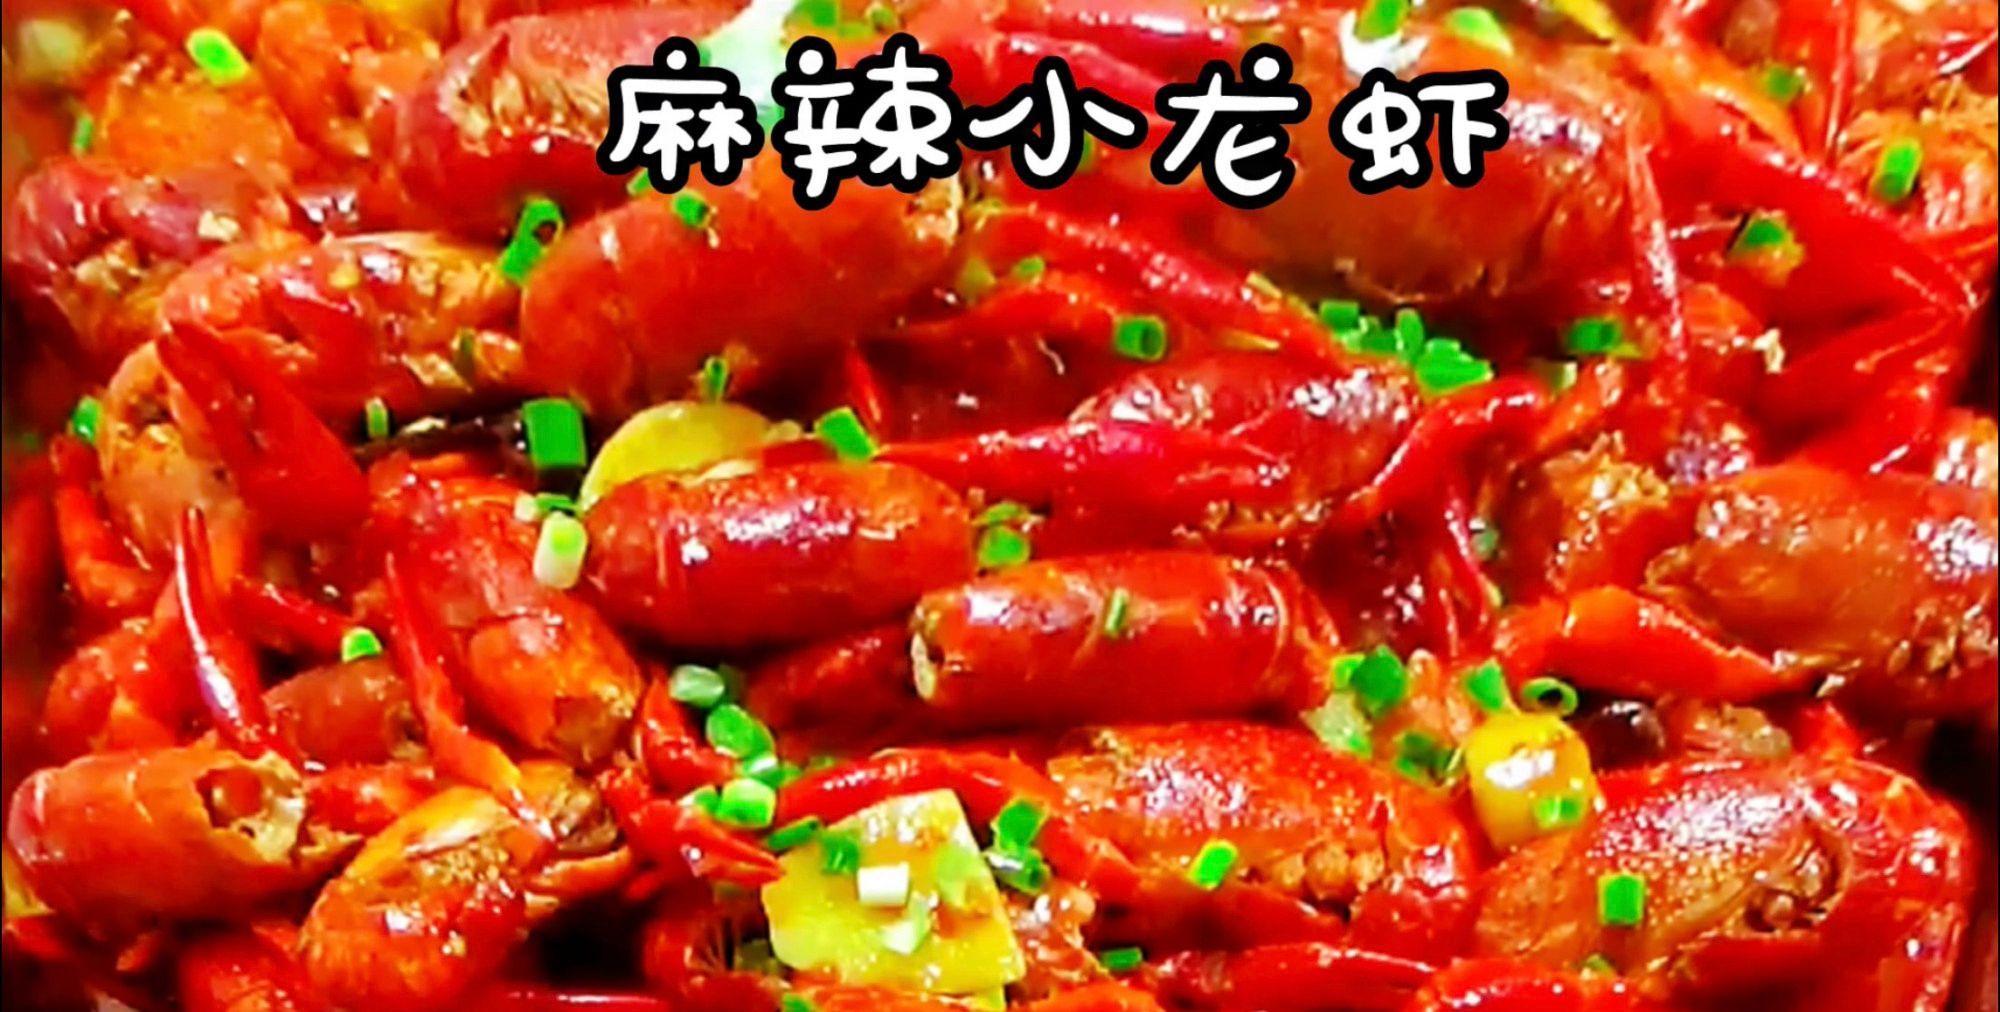 麻辣小龙虾的做法步骤图